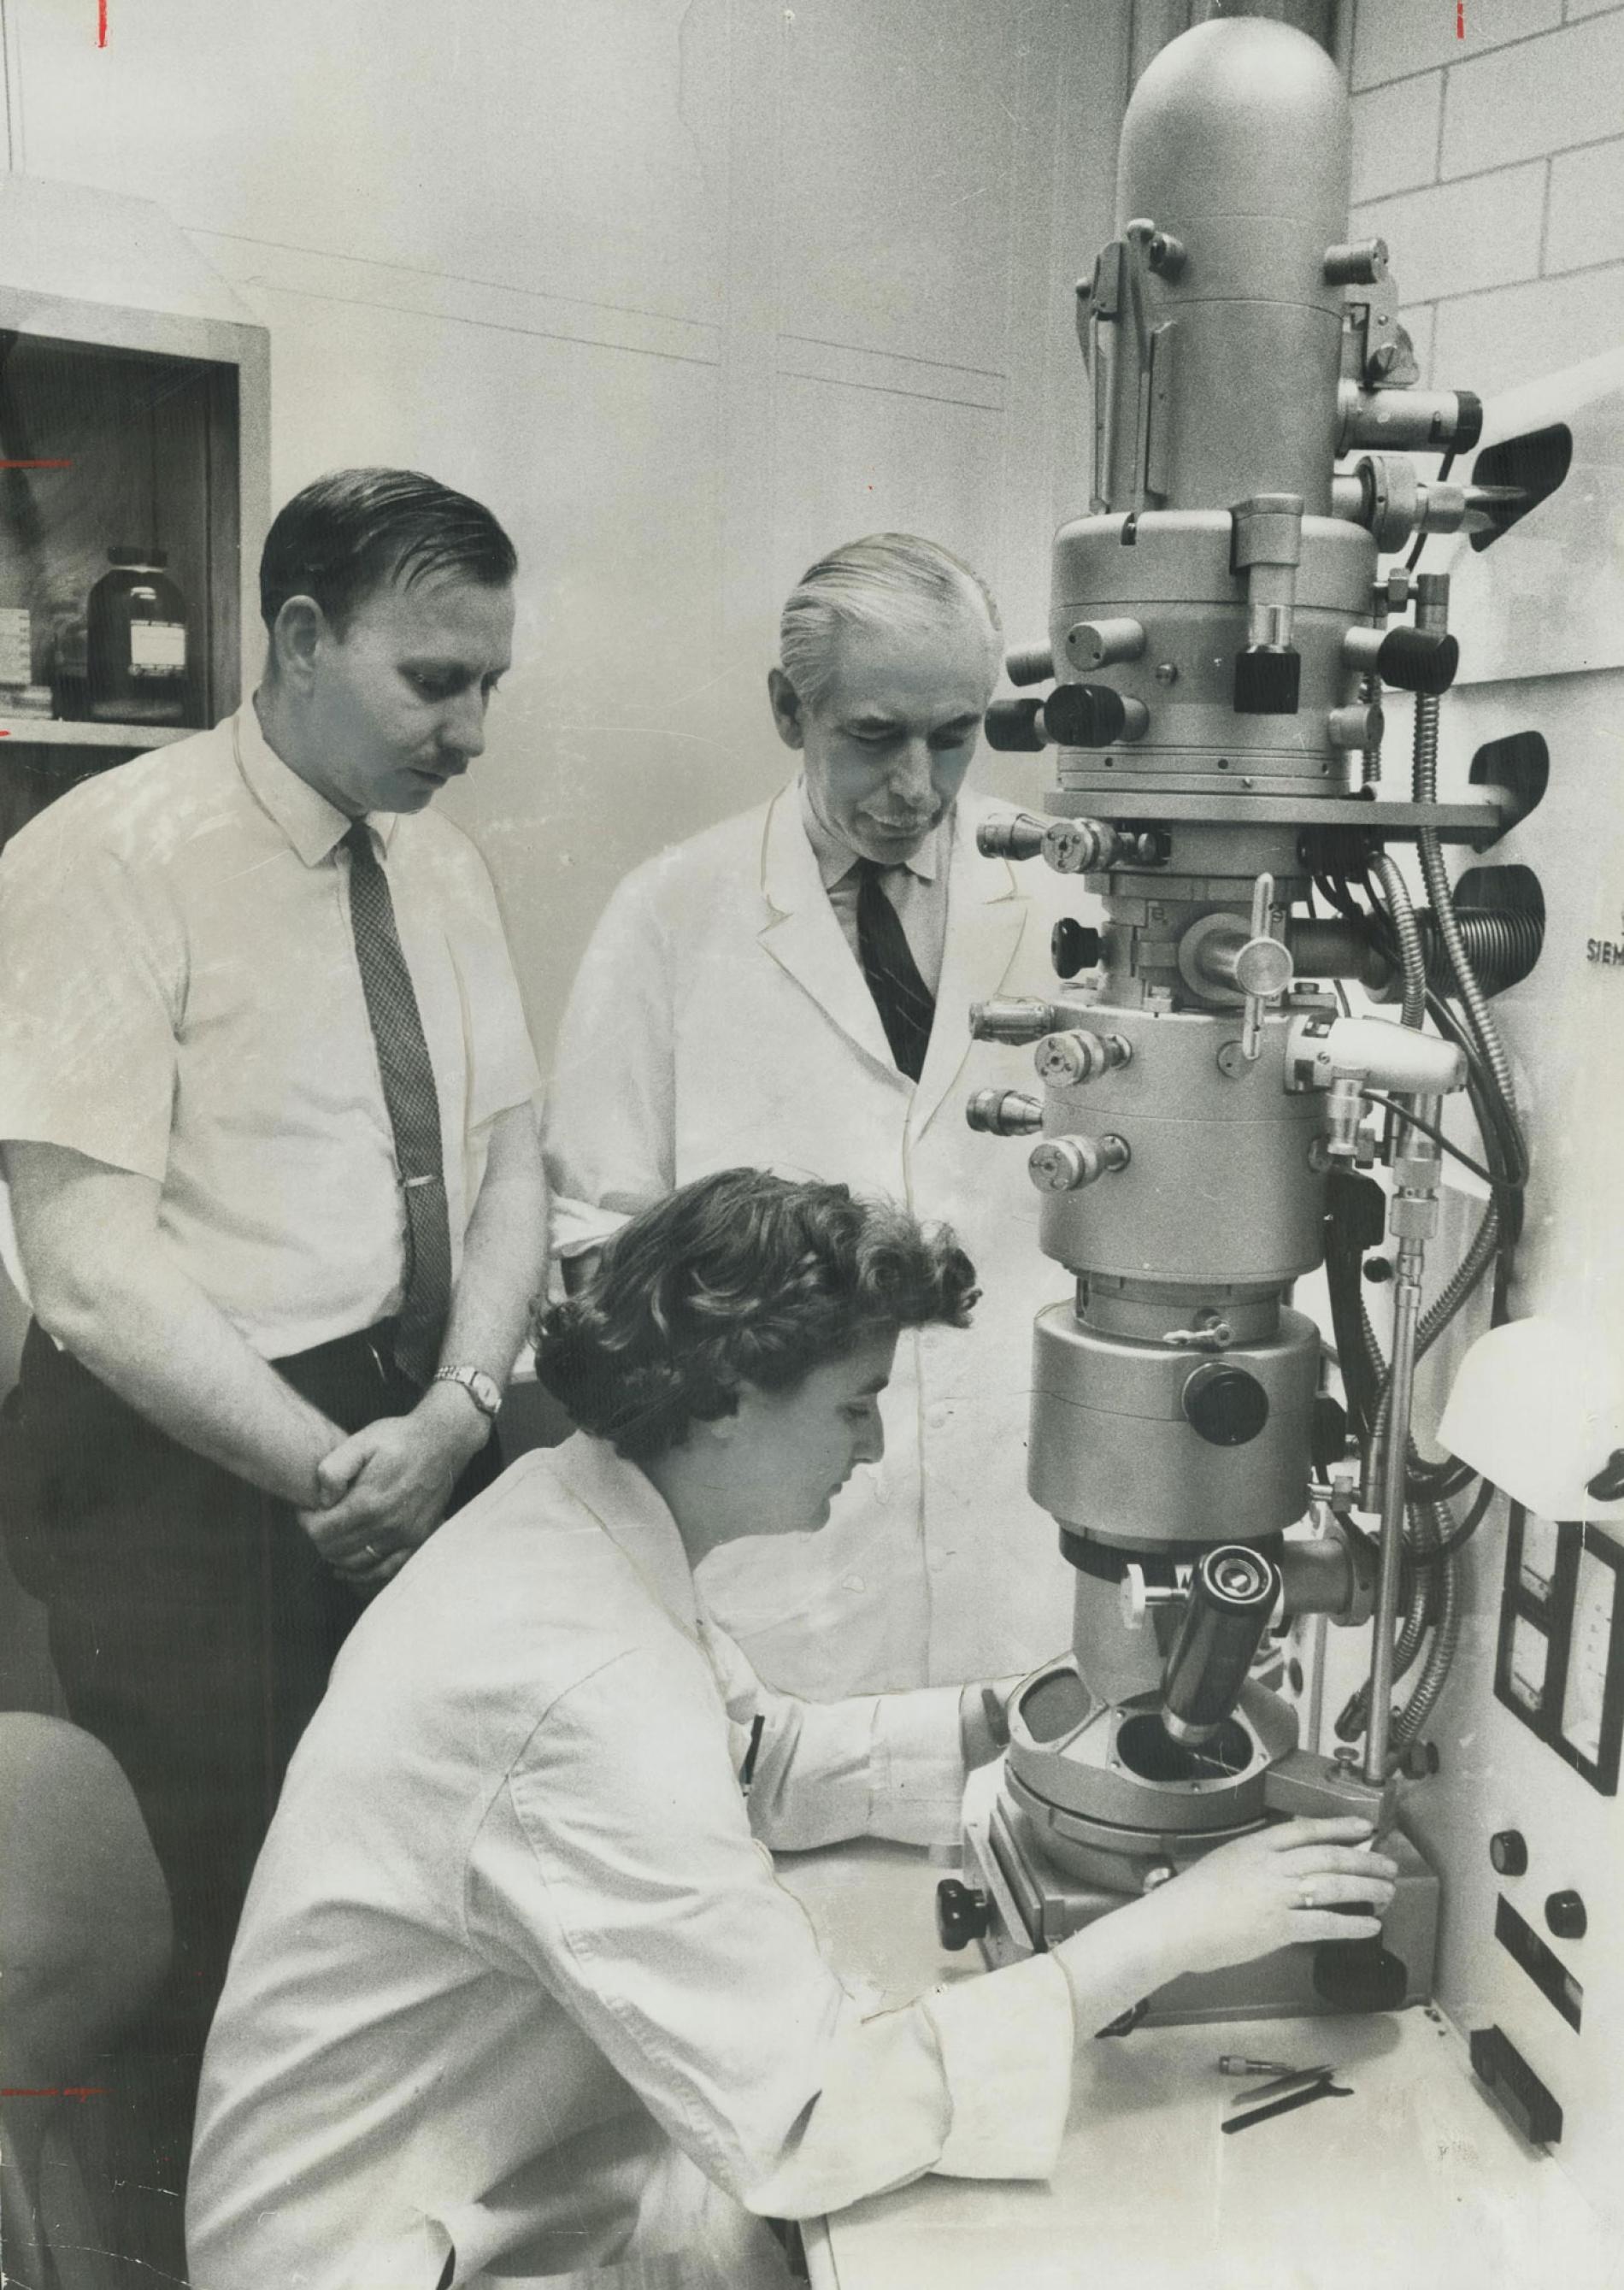 1963年,在加拿大多倫多的安大略癌症研究中心裡操作電子顯微鏡的科學家茱恩‧艾爾梅達。一年之後,艾爾梅達將成為第一個用她自己研發出來的顯微技術看到冠狀病毒的人。PHOTOGRAPH BY NORMAN JAMES, TORONTO STAR/GETTY